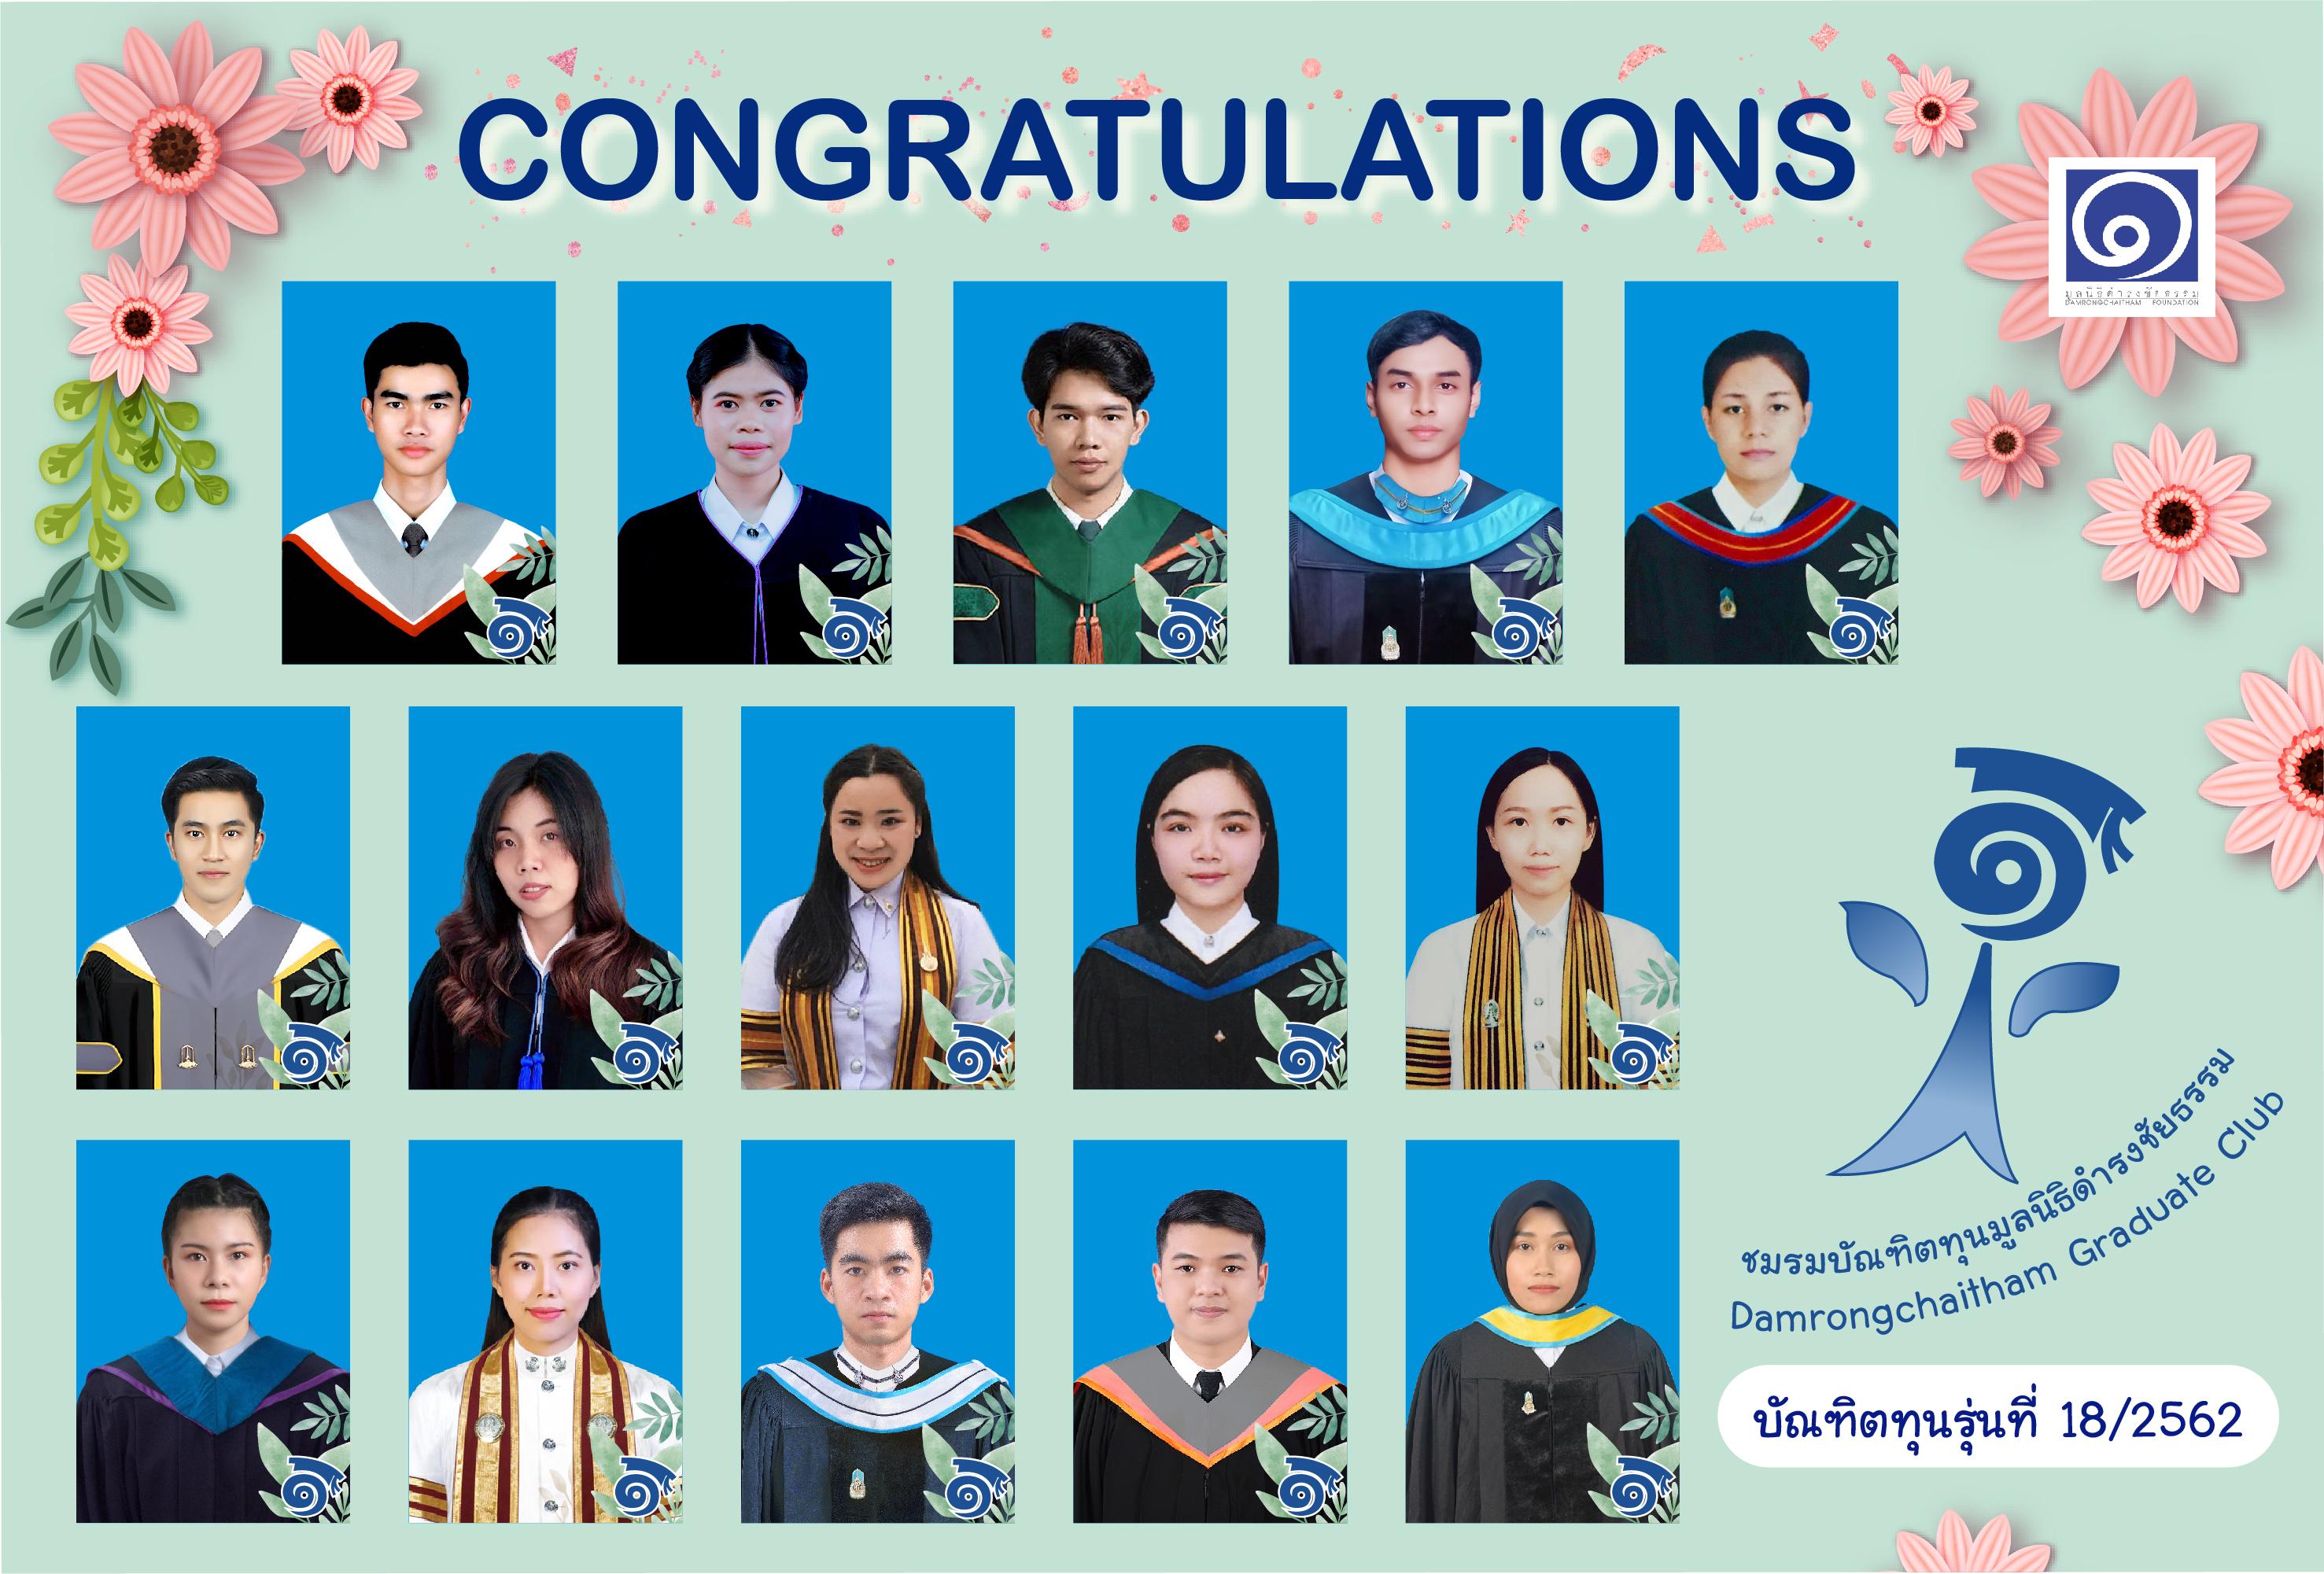 """ขอเเสดงความยินดีในโอกาสสำเร็จการศึกษา กับ """"บัณทิตทุนรุ่นที่ 18 ปีการศึกษา 2562"""""""